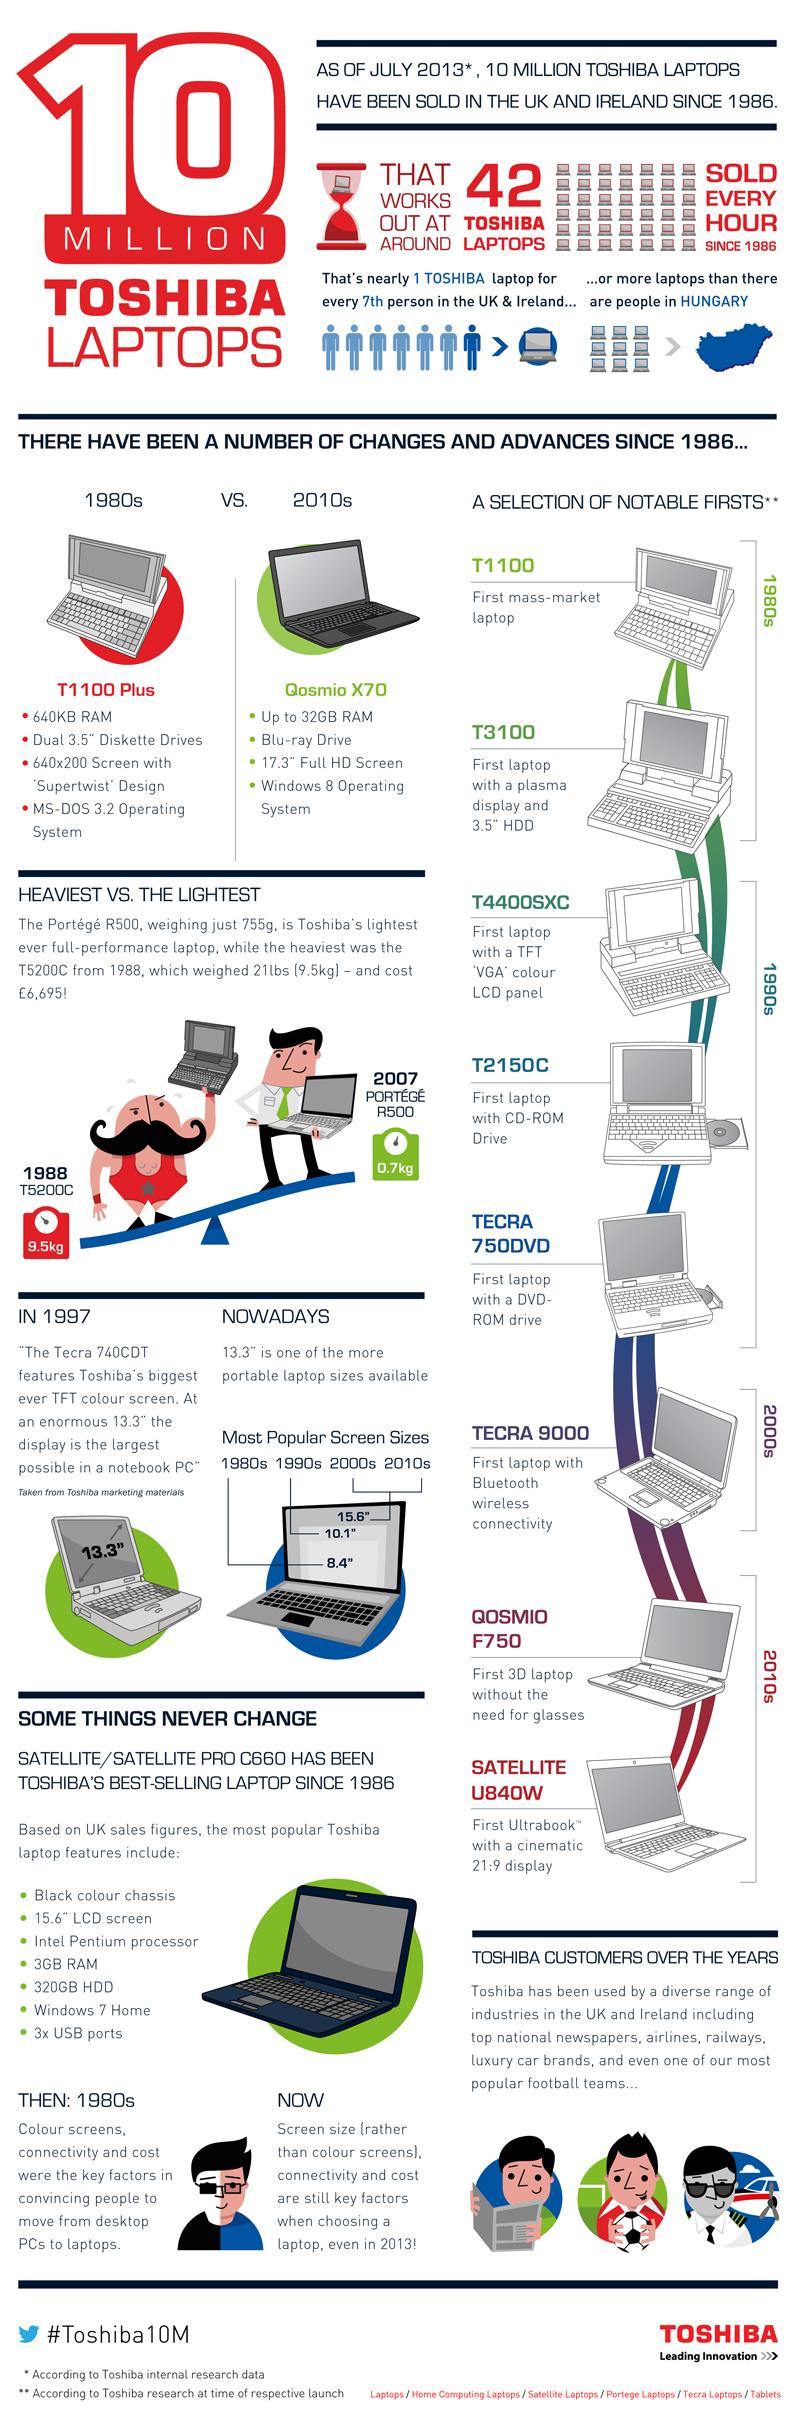 Celebrating 10 Million Toshiba Laptops